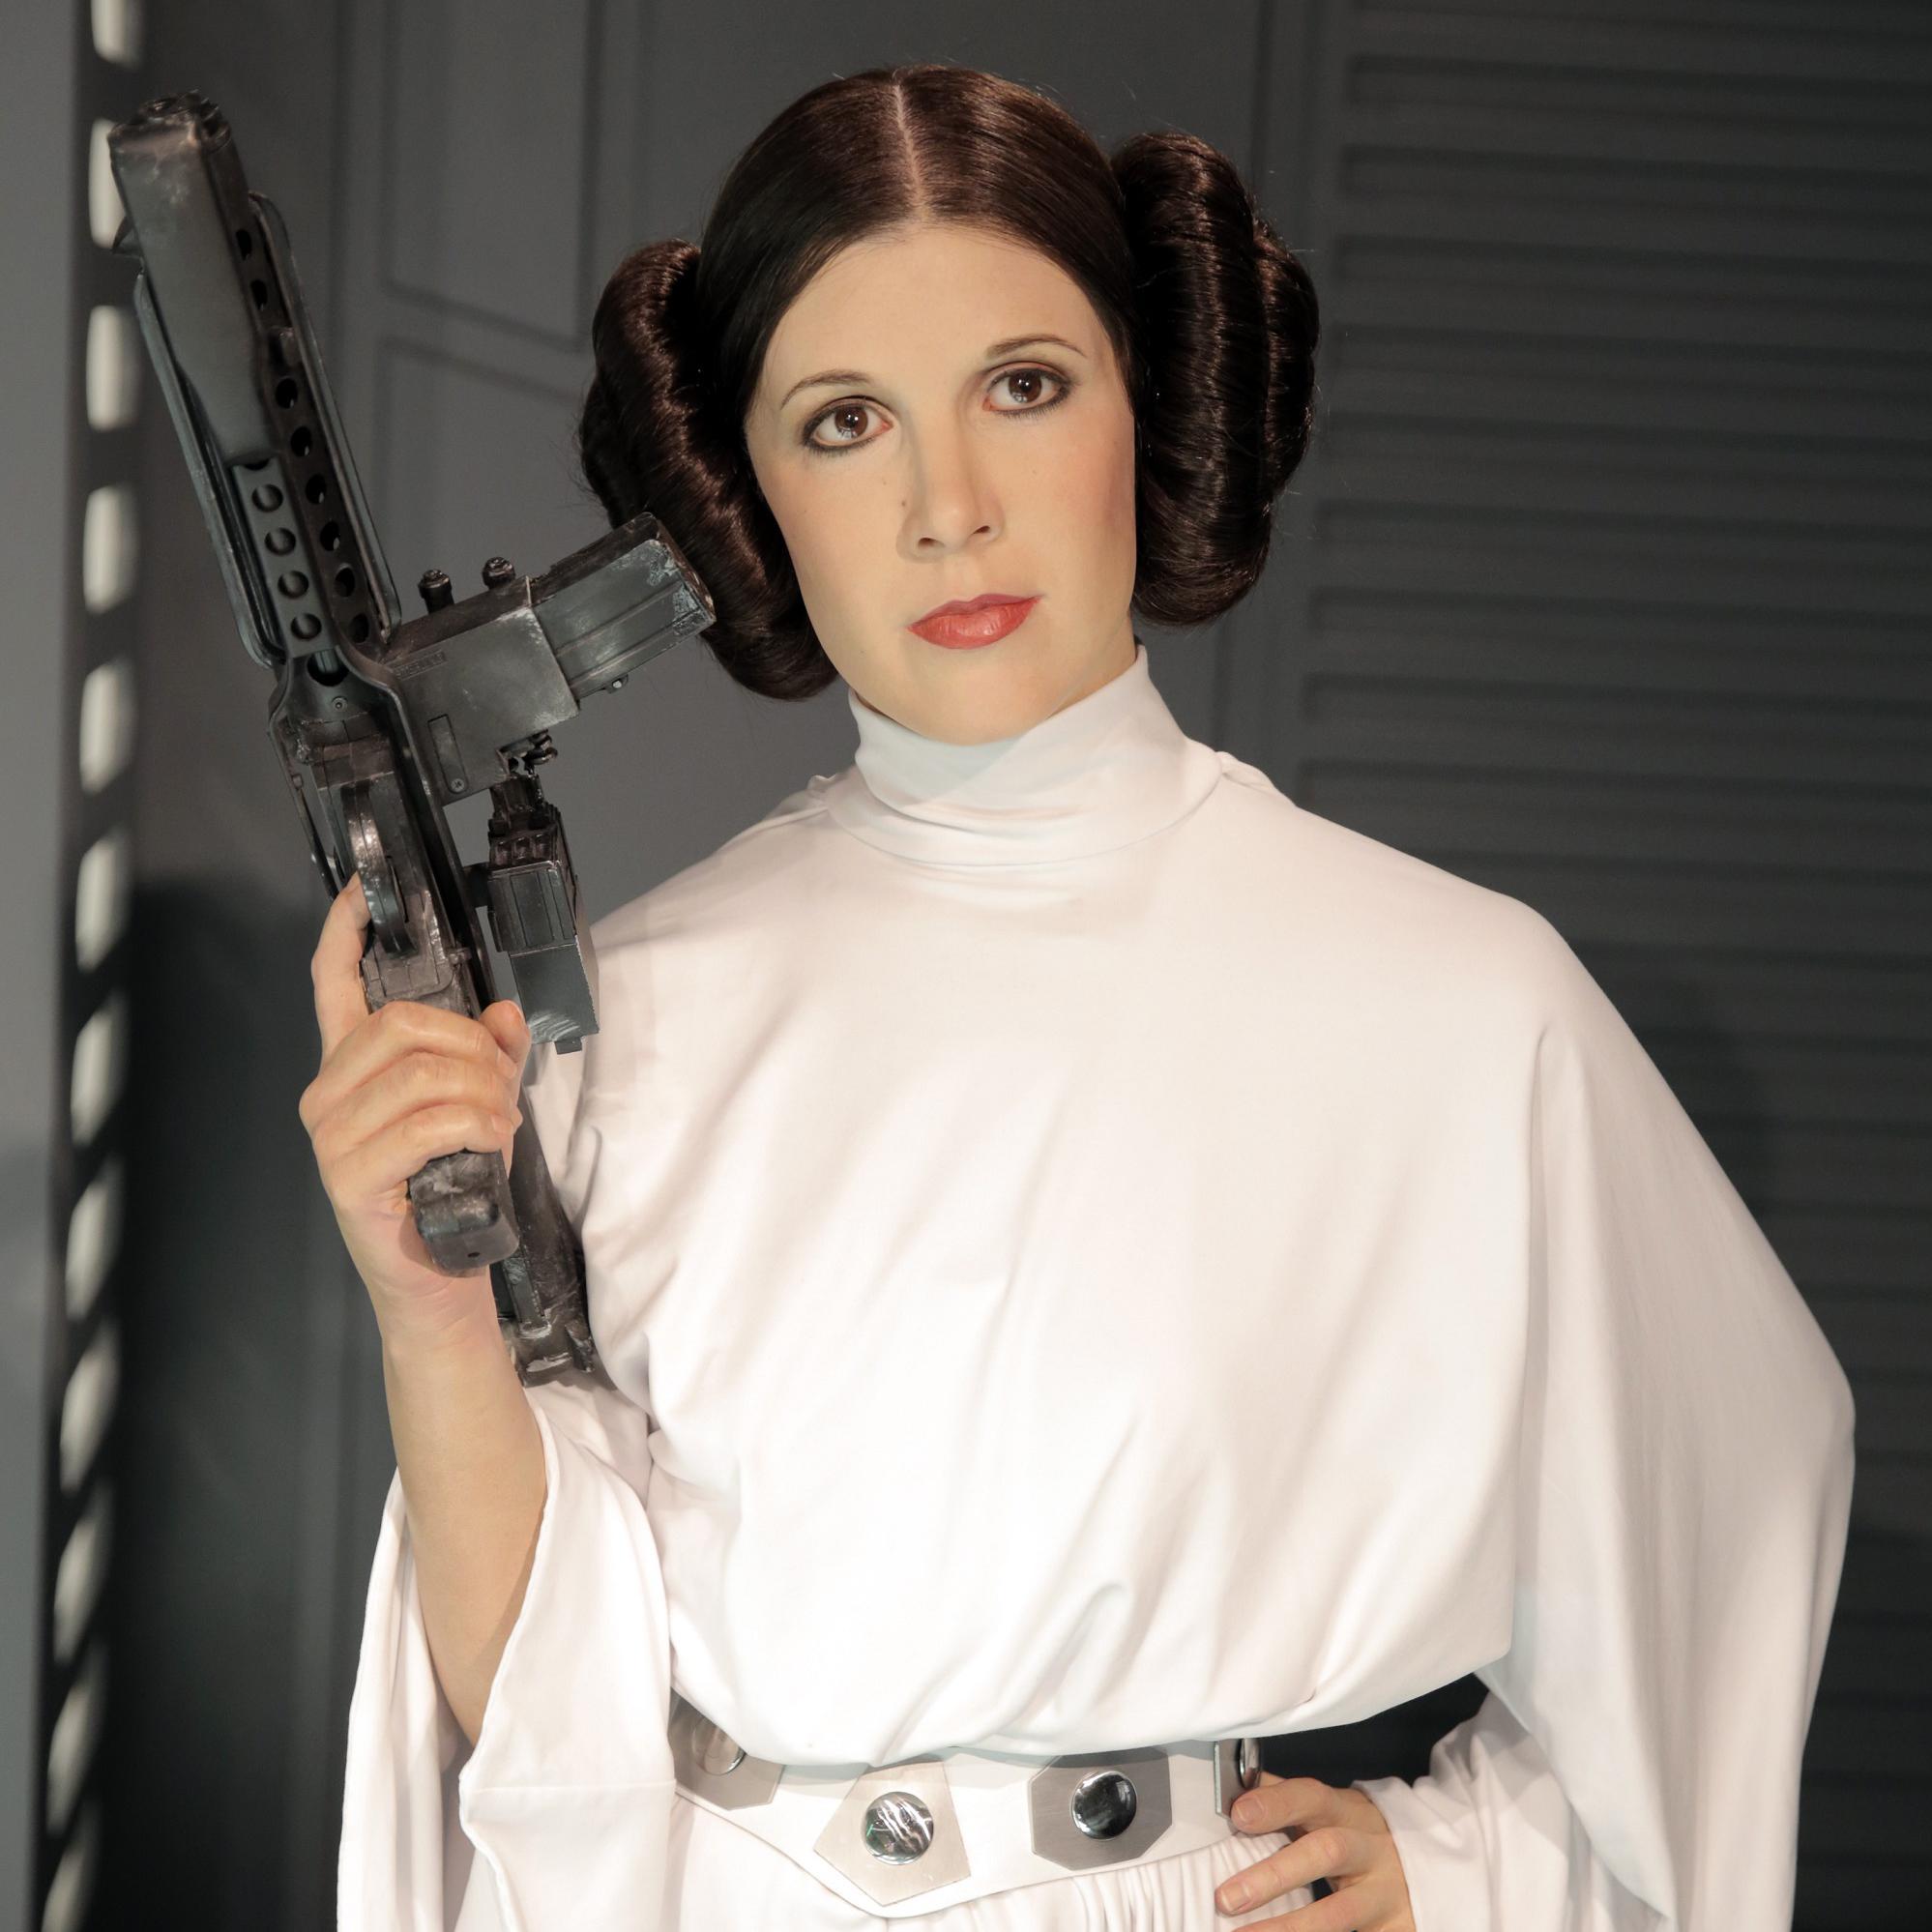 La princesse Leia Organa d'Alderaan, femme politique sensible née en 19 av. BY (la Bataille de Yavin) au Centre Médical de la République sur Polis Massa.